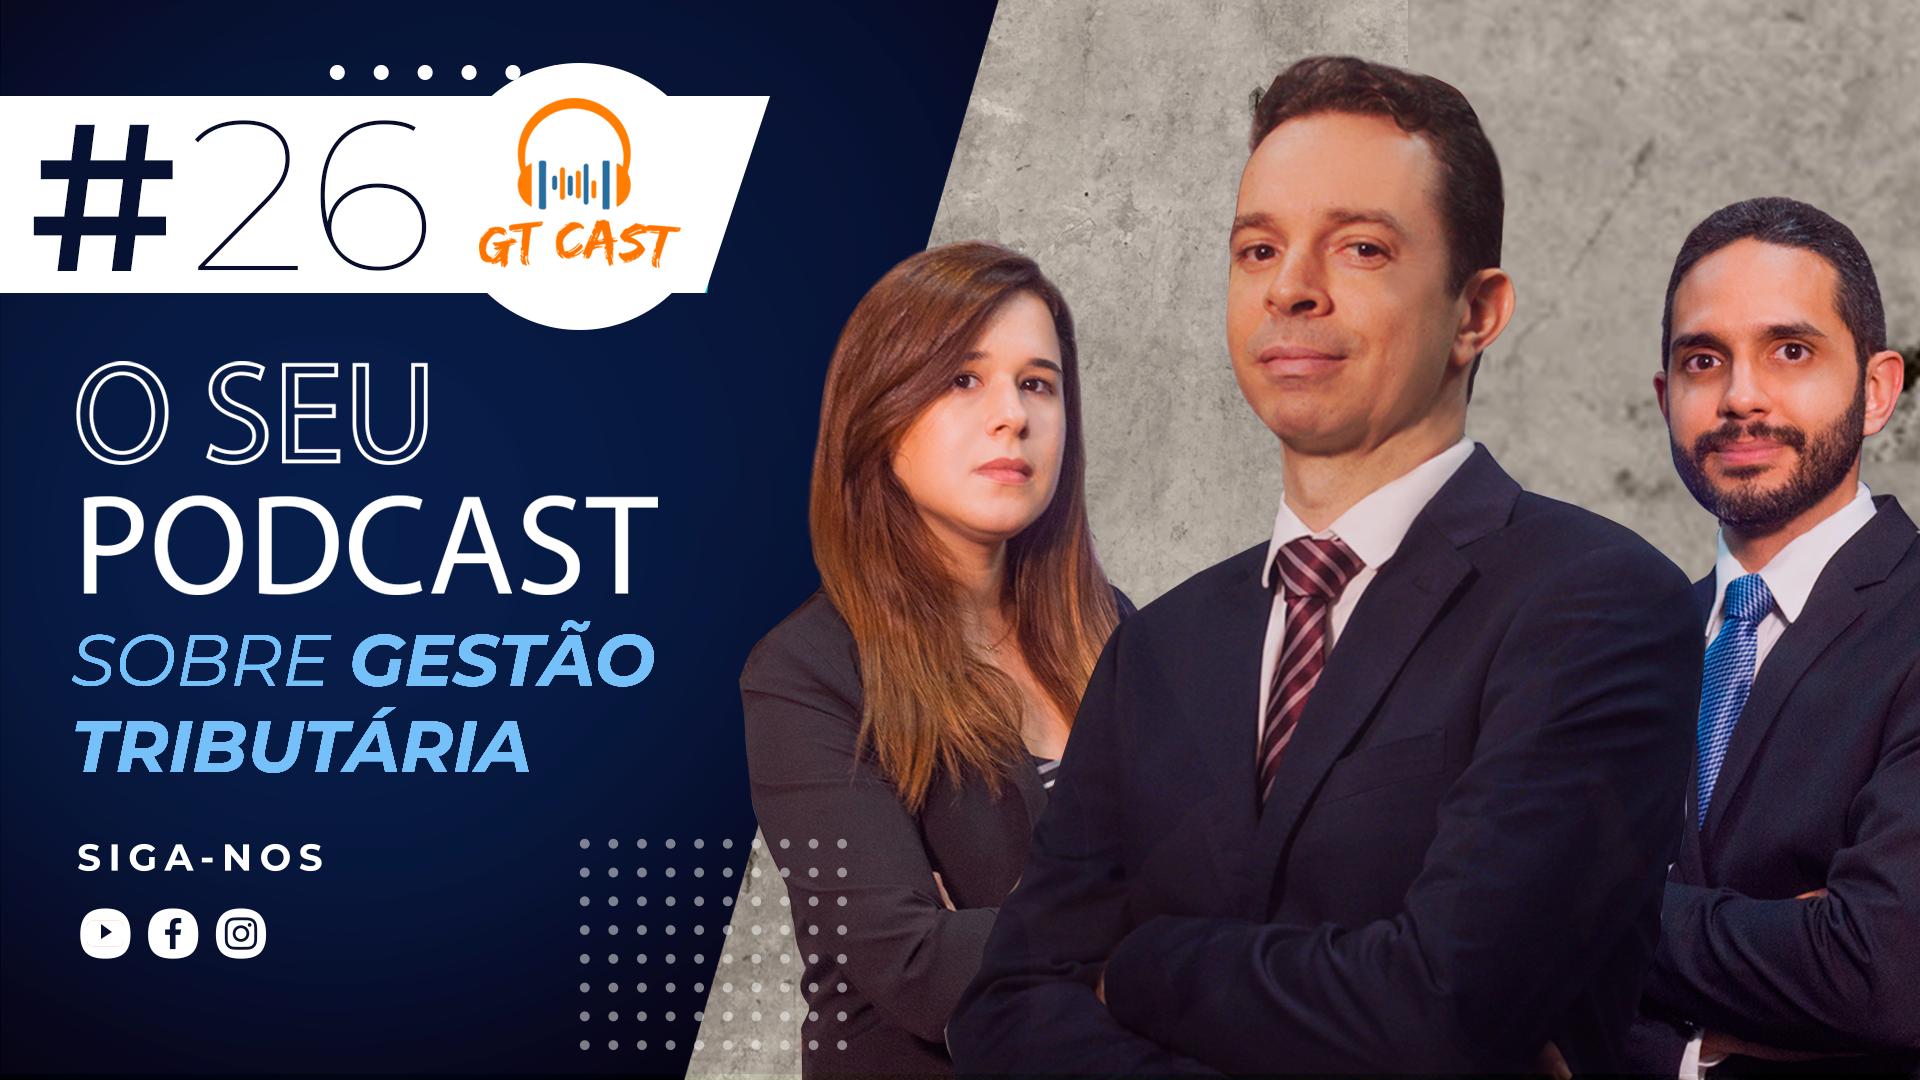 gt-cast-26-fevereiro-2021-o-seu-podcast-sobre-gestao-tributaria